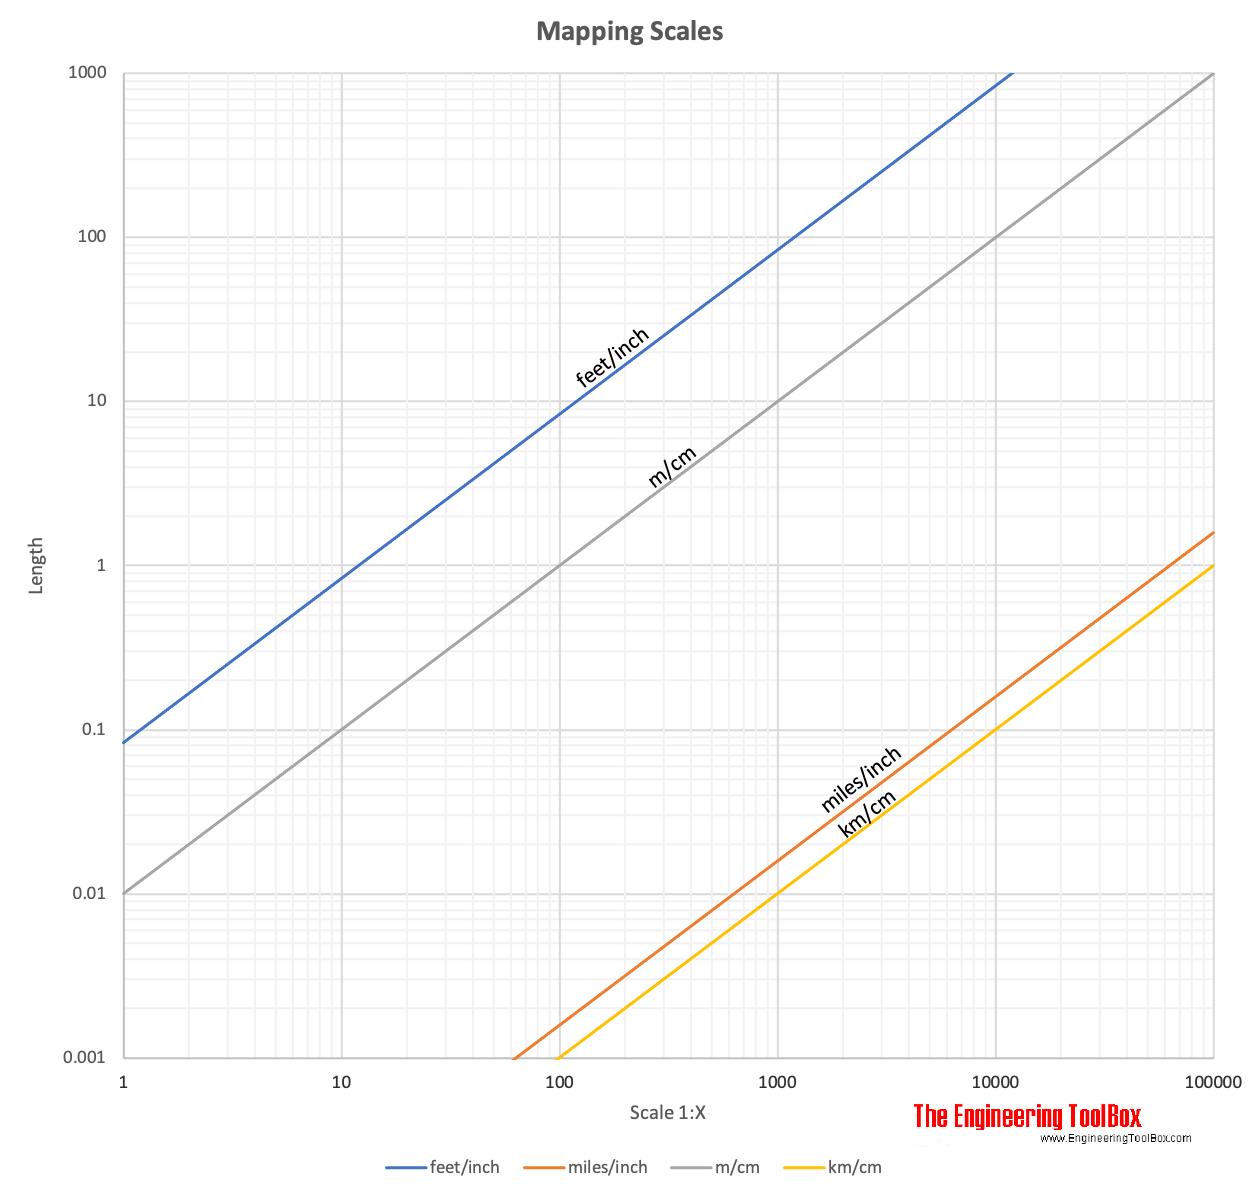 1 metrik ton sama dengan berapa kilogram